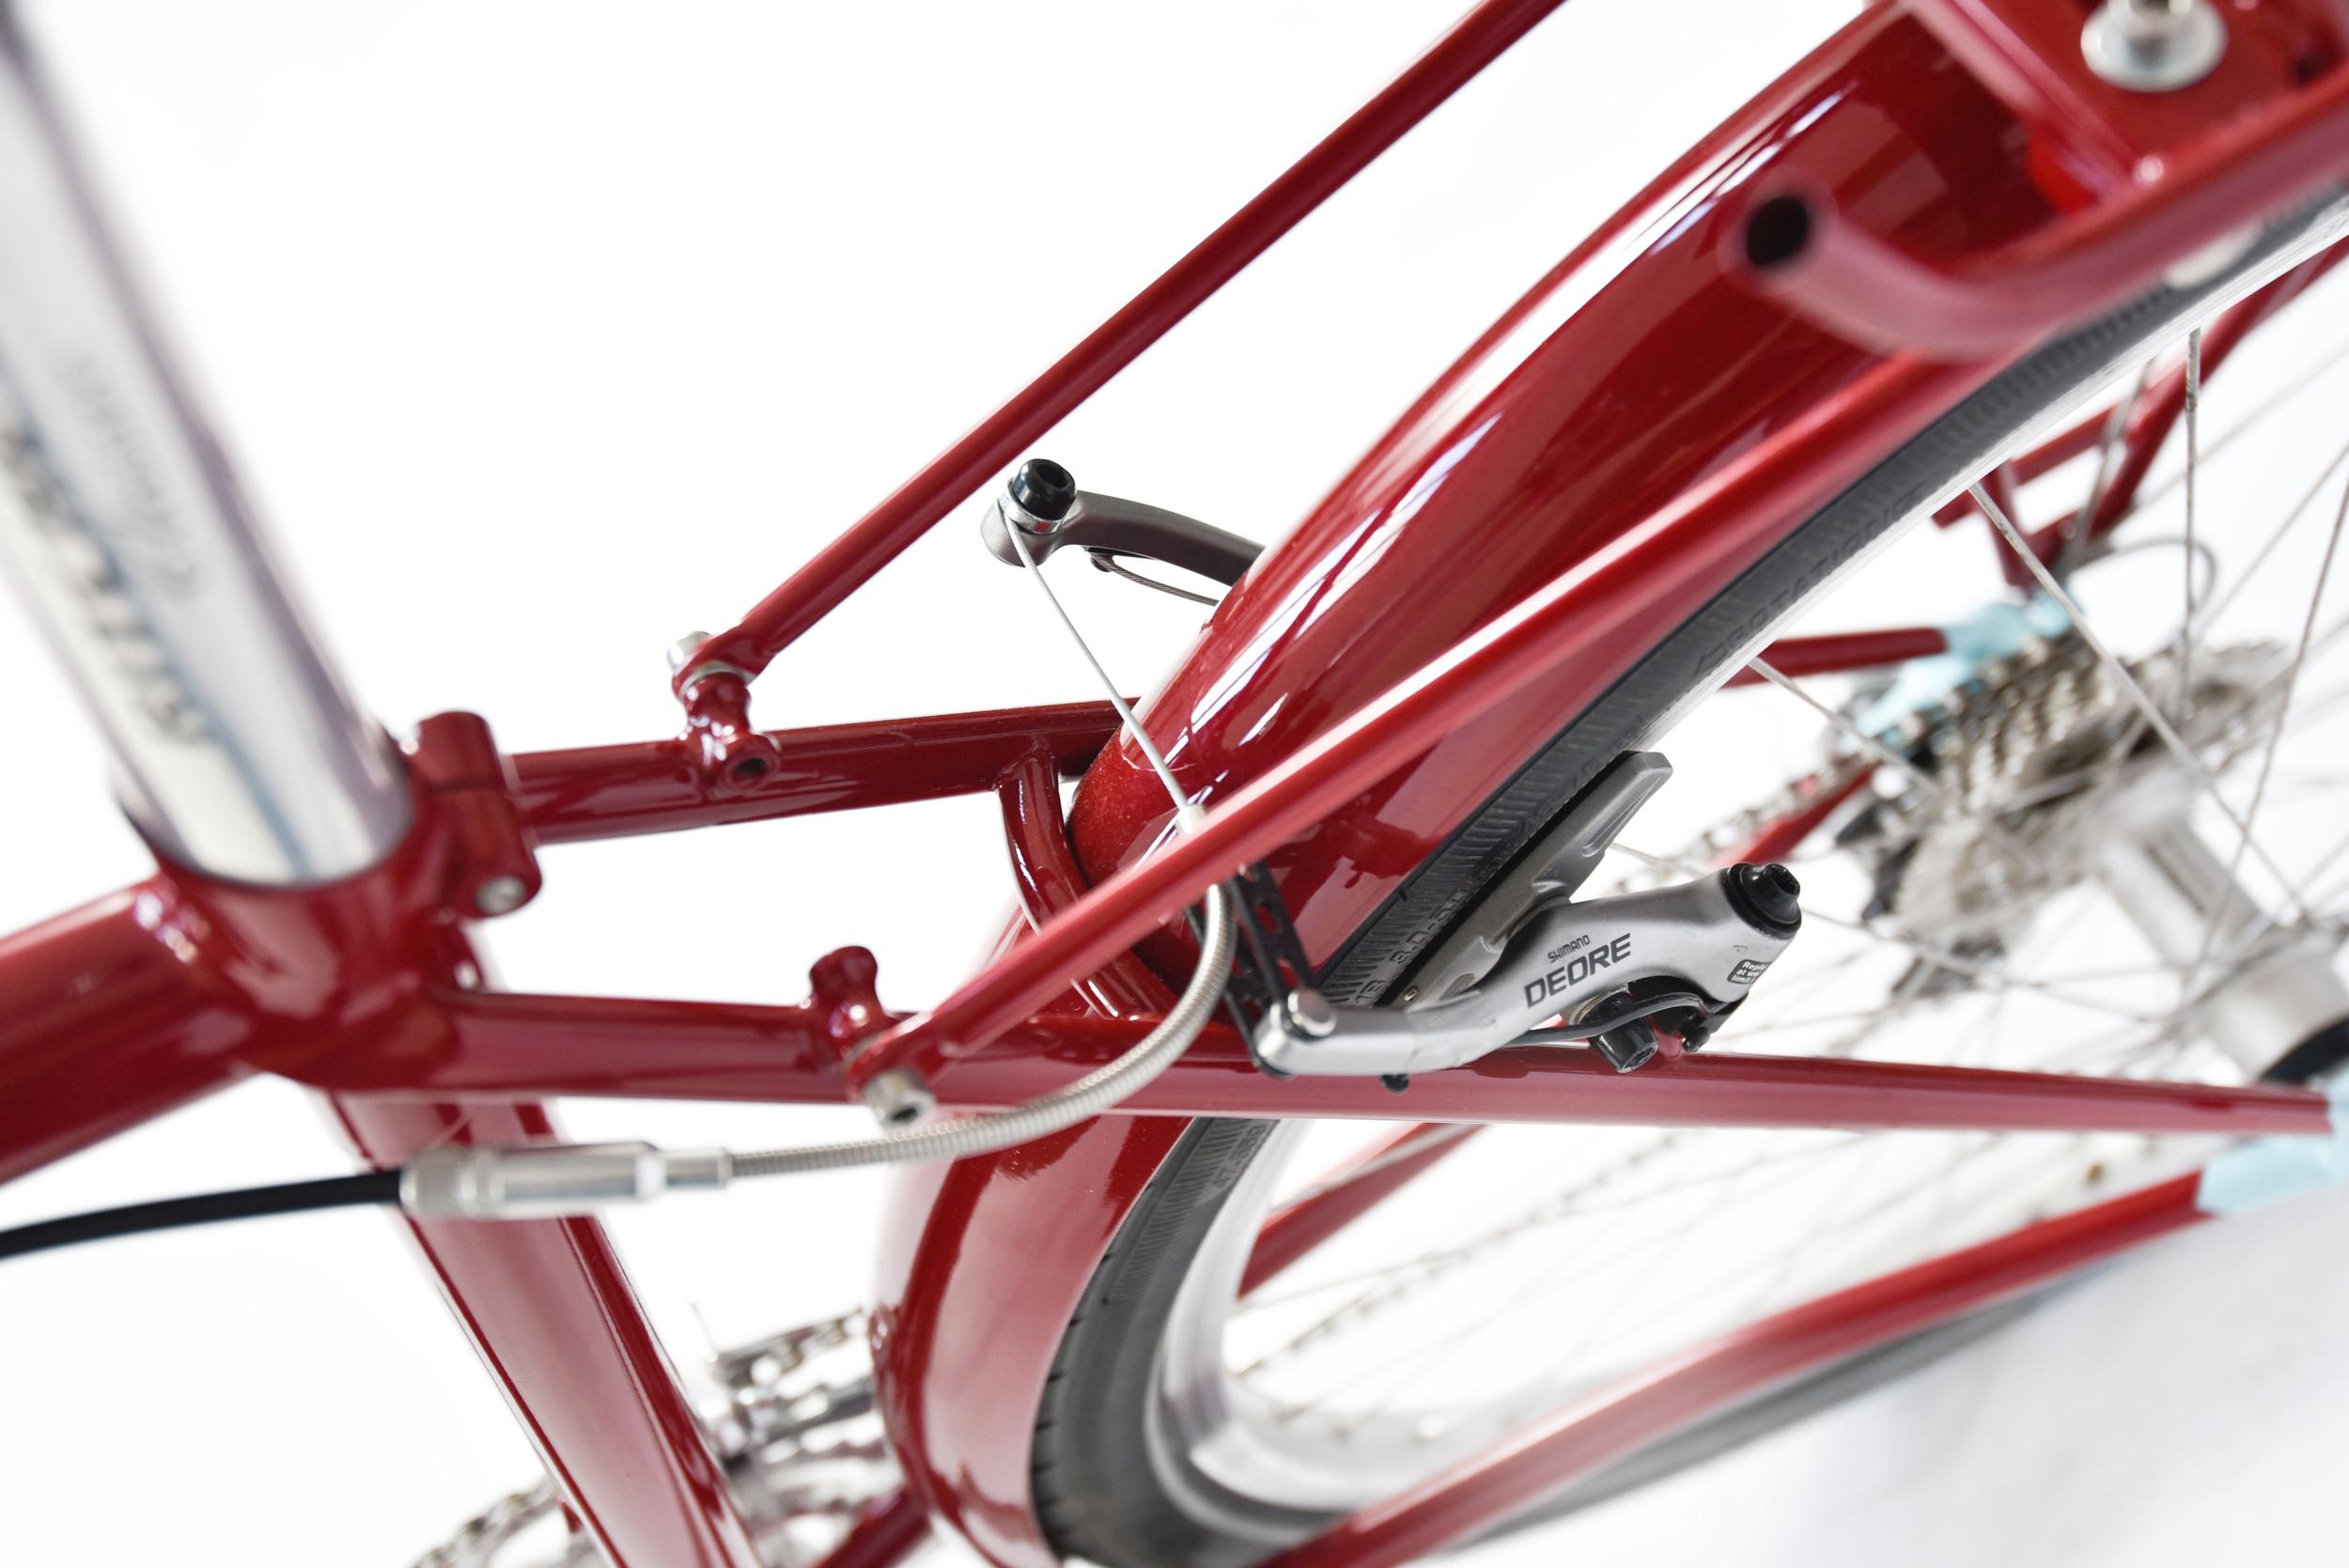 853 mini bespoke touring bike rack seatstays